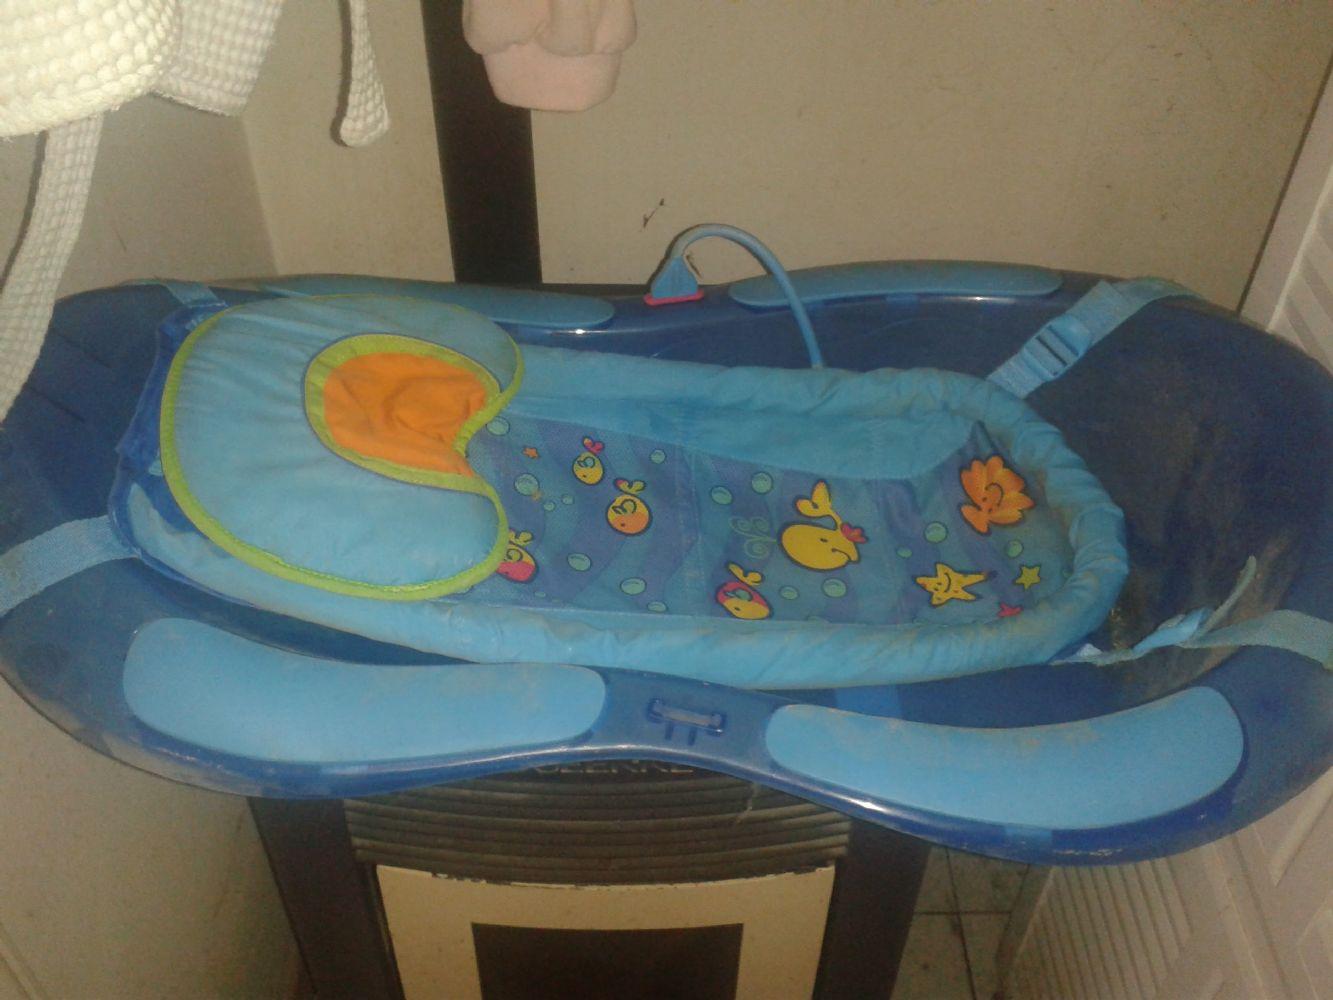 Vasca Da Bagno Per Neonati : Baratto scambio: vasca bebe comodissima [ bimbi accessori] a